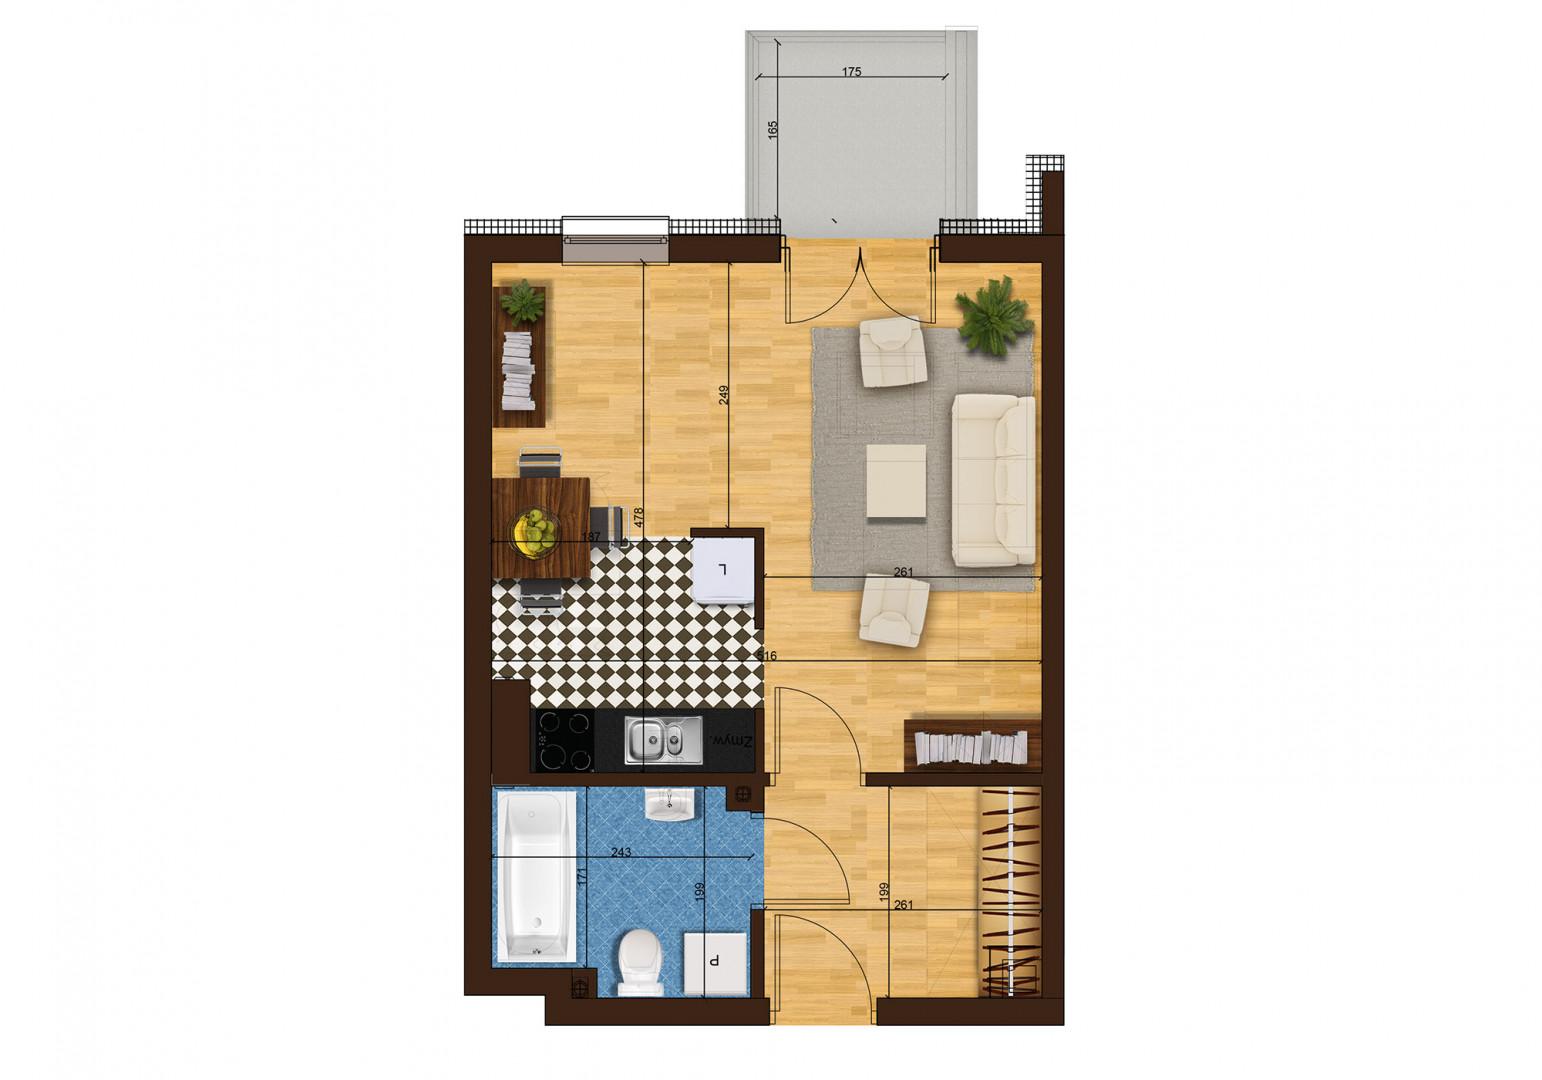 Mieszkanie jednopokojowe 33G/35 rzut 1